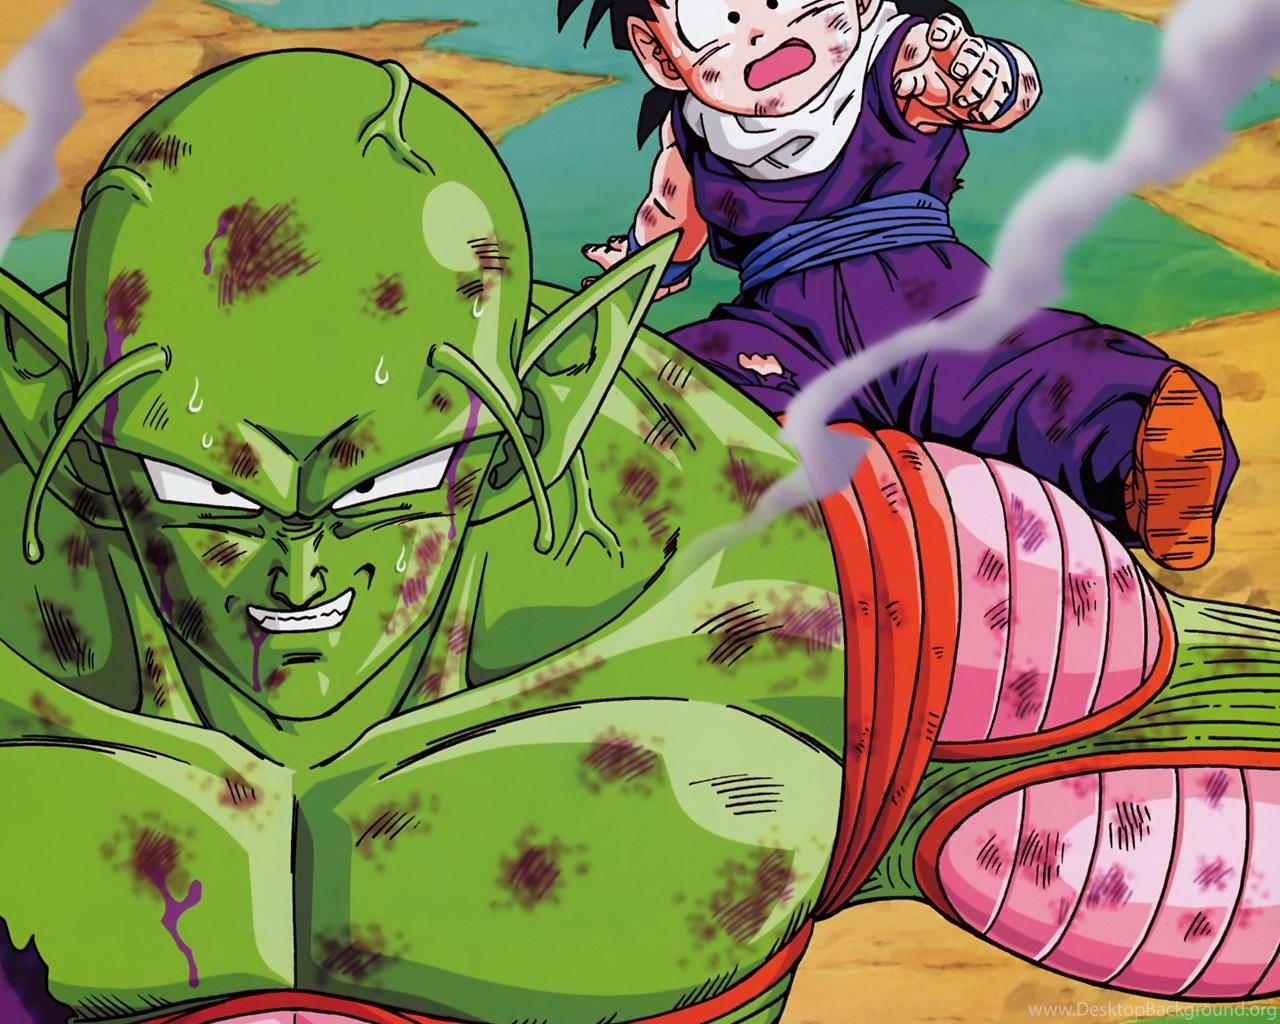 Son Gohan Piccolo Dragon Ball Z Wallpapers Desktop Background